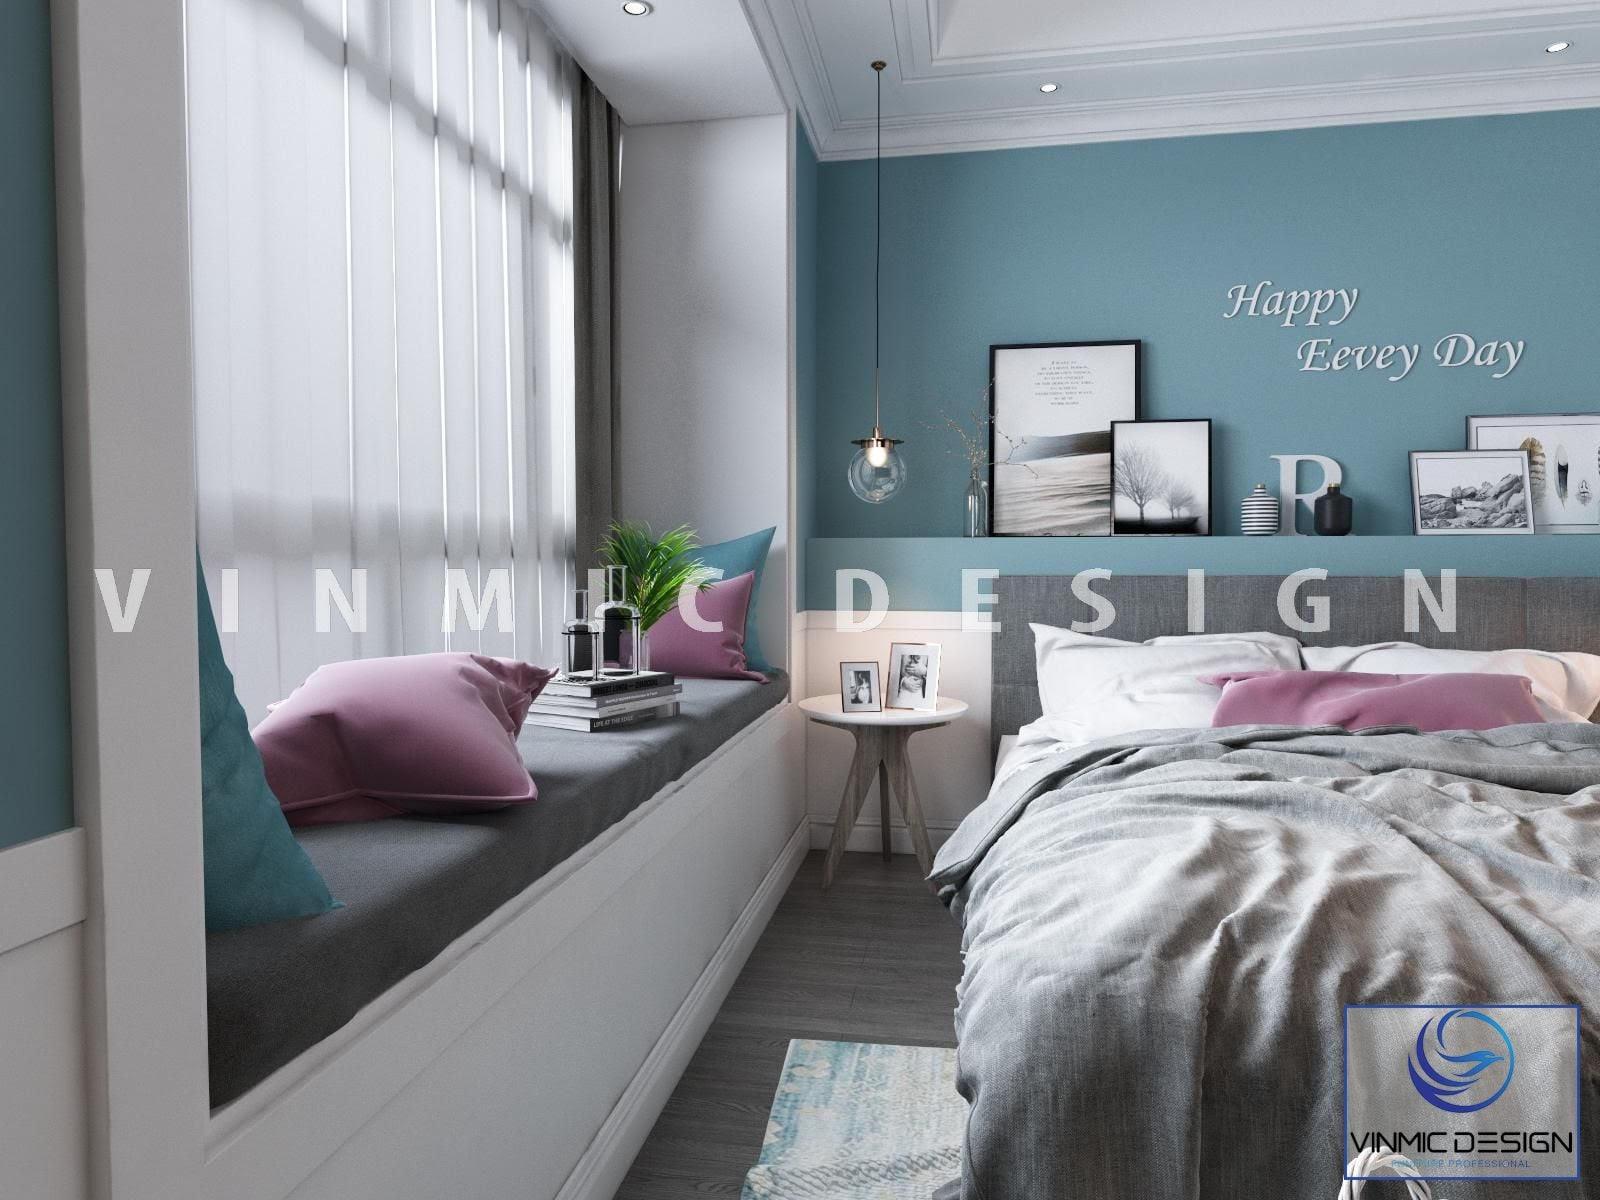 Thiết kế phòng ngủ với đồ trang trí hiện đại, tông màu đậm chất phong cách Scandinavian